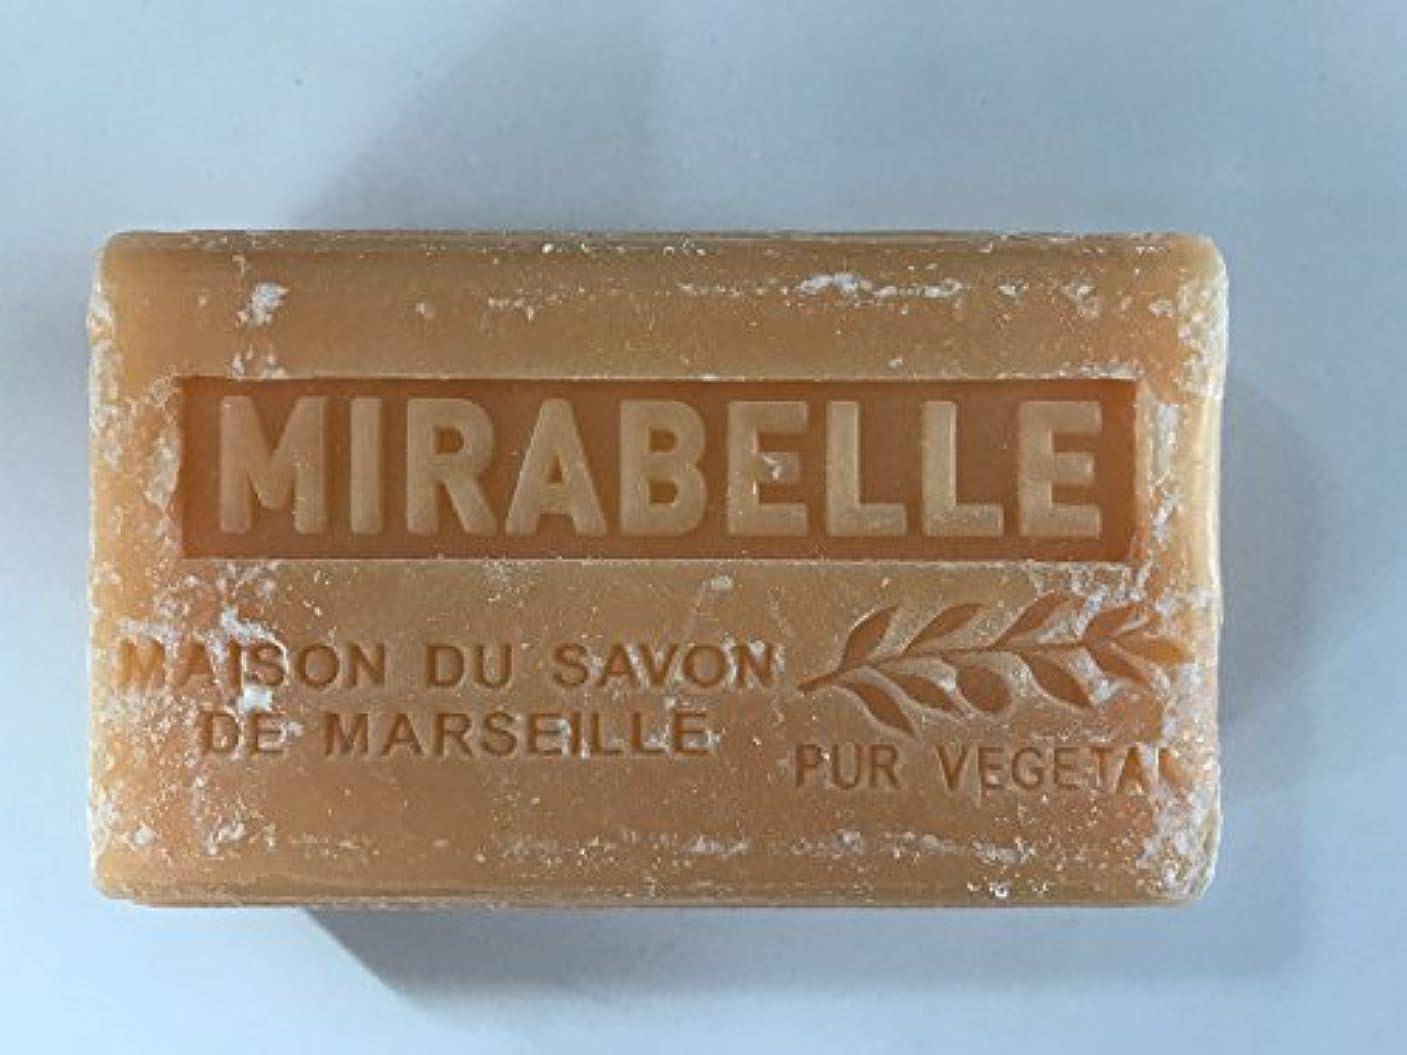 付与想定する原告Savon de Marseille Soap Mirabelle Shea Butter 125g